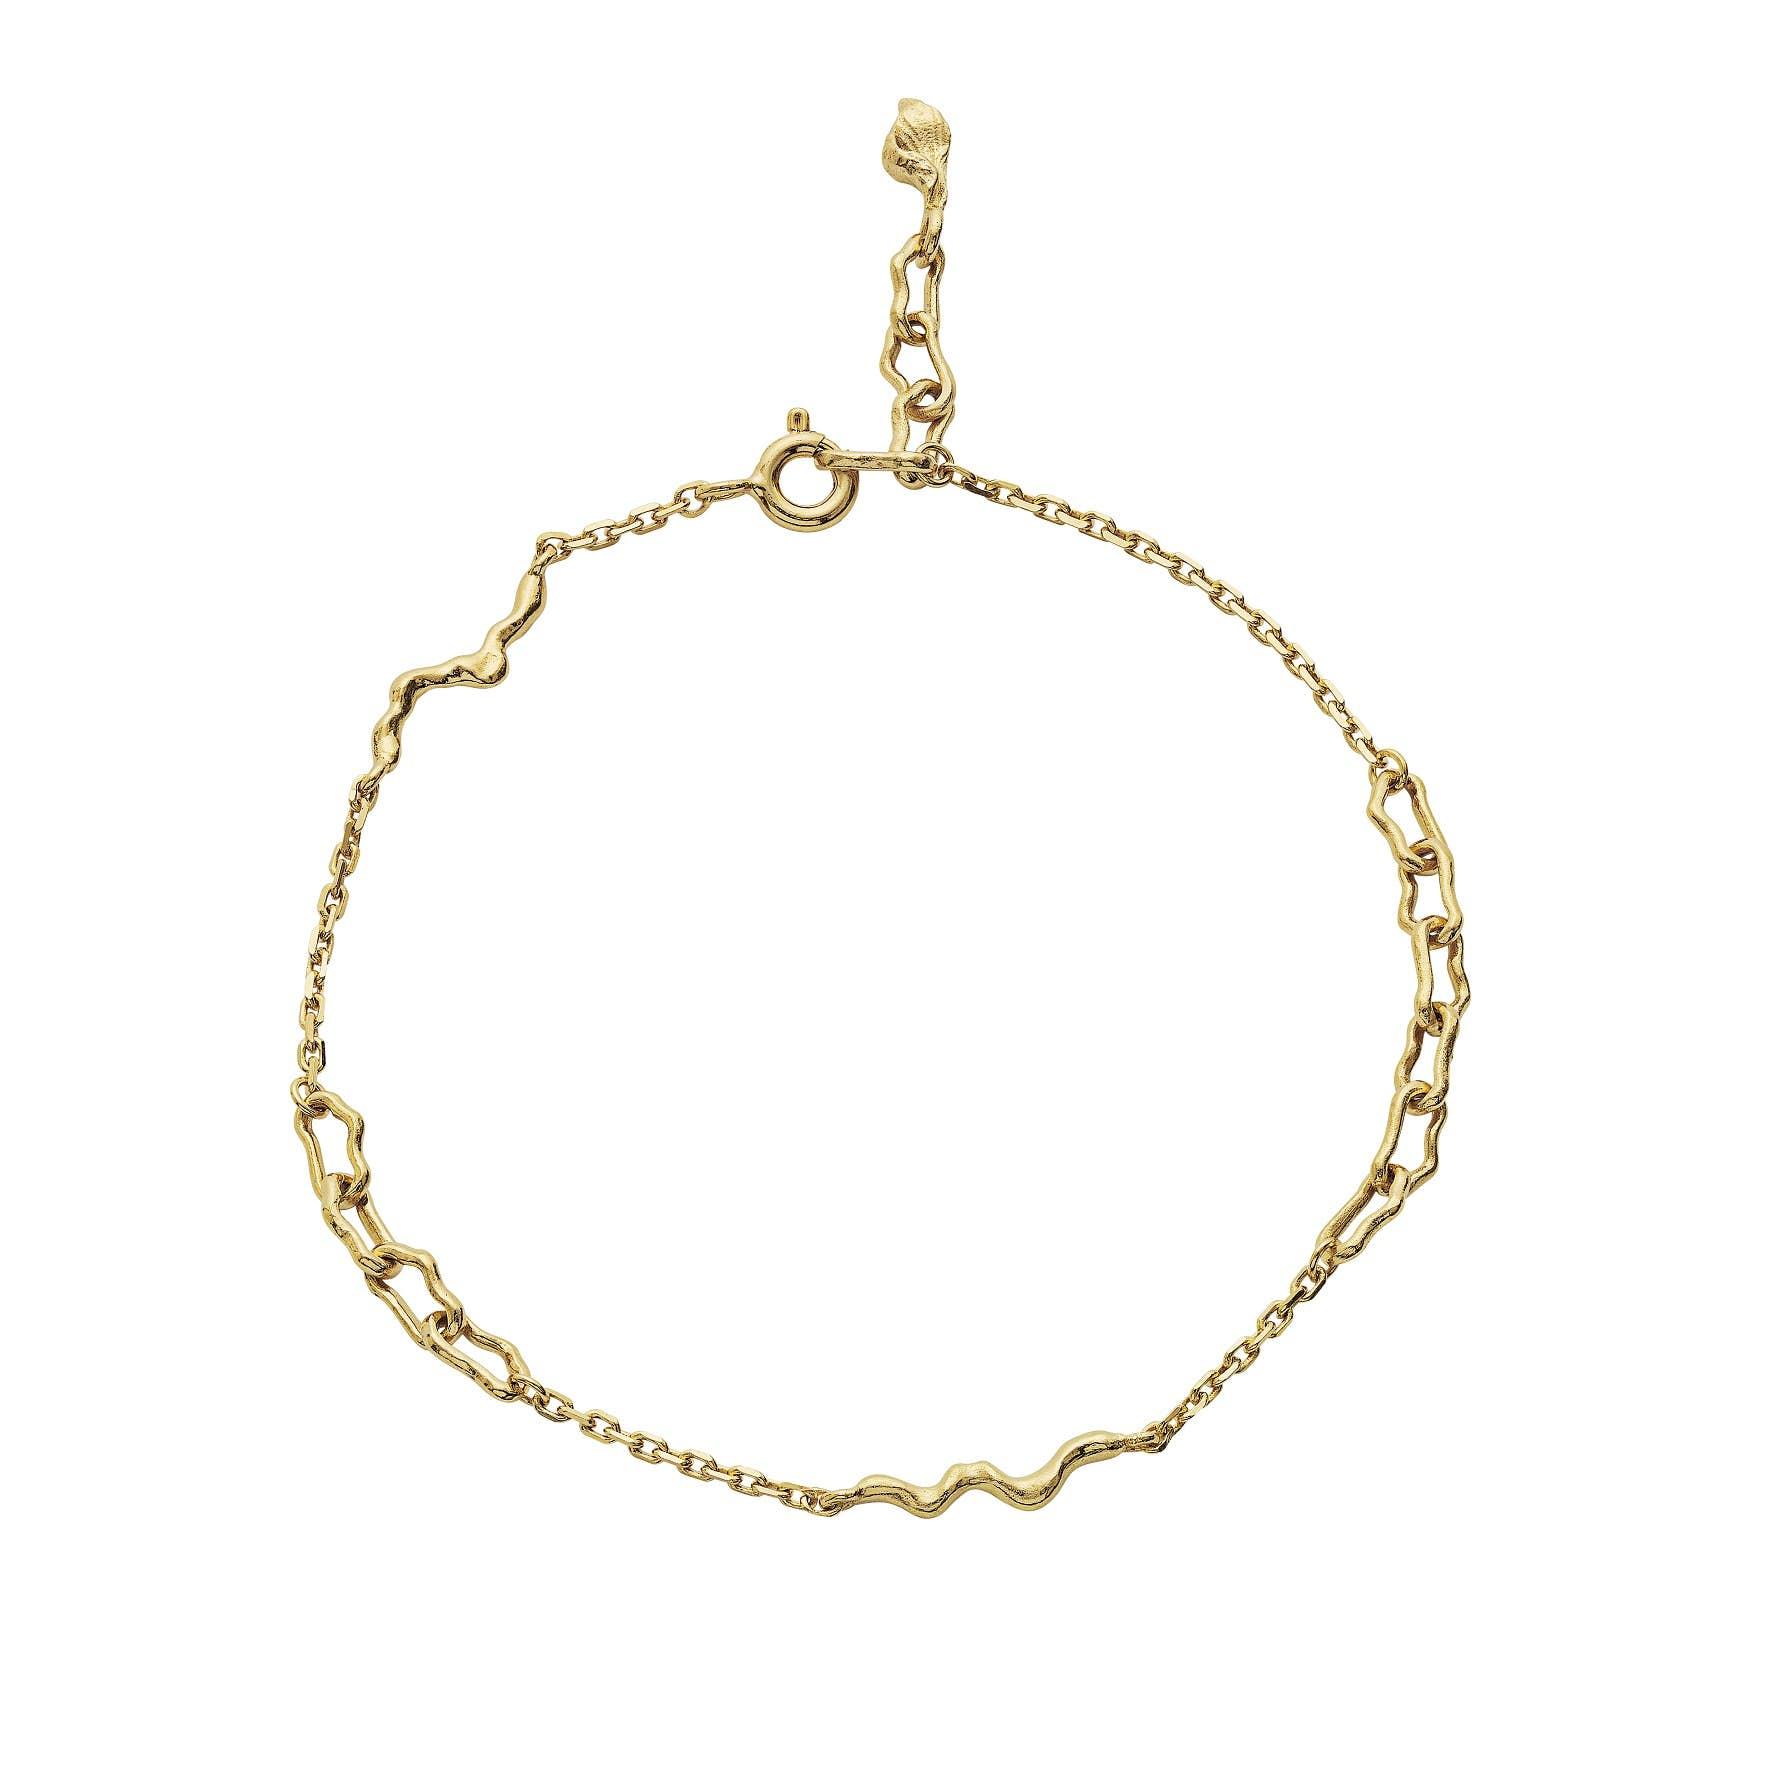 Lenani Bracelet von Maanesten in Vergoldet-Silber Sterling 925